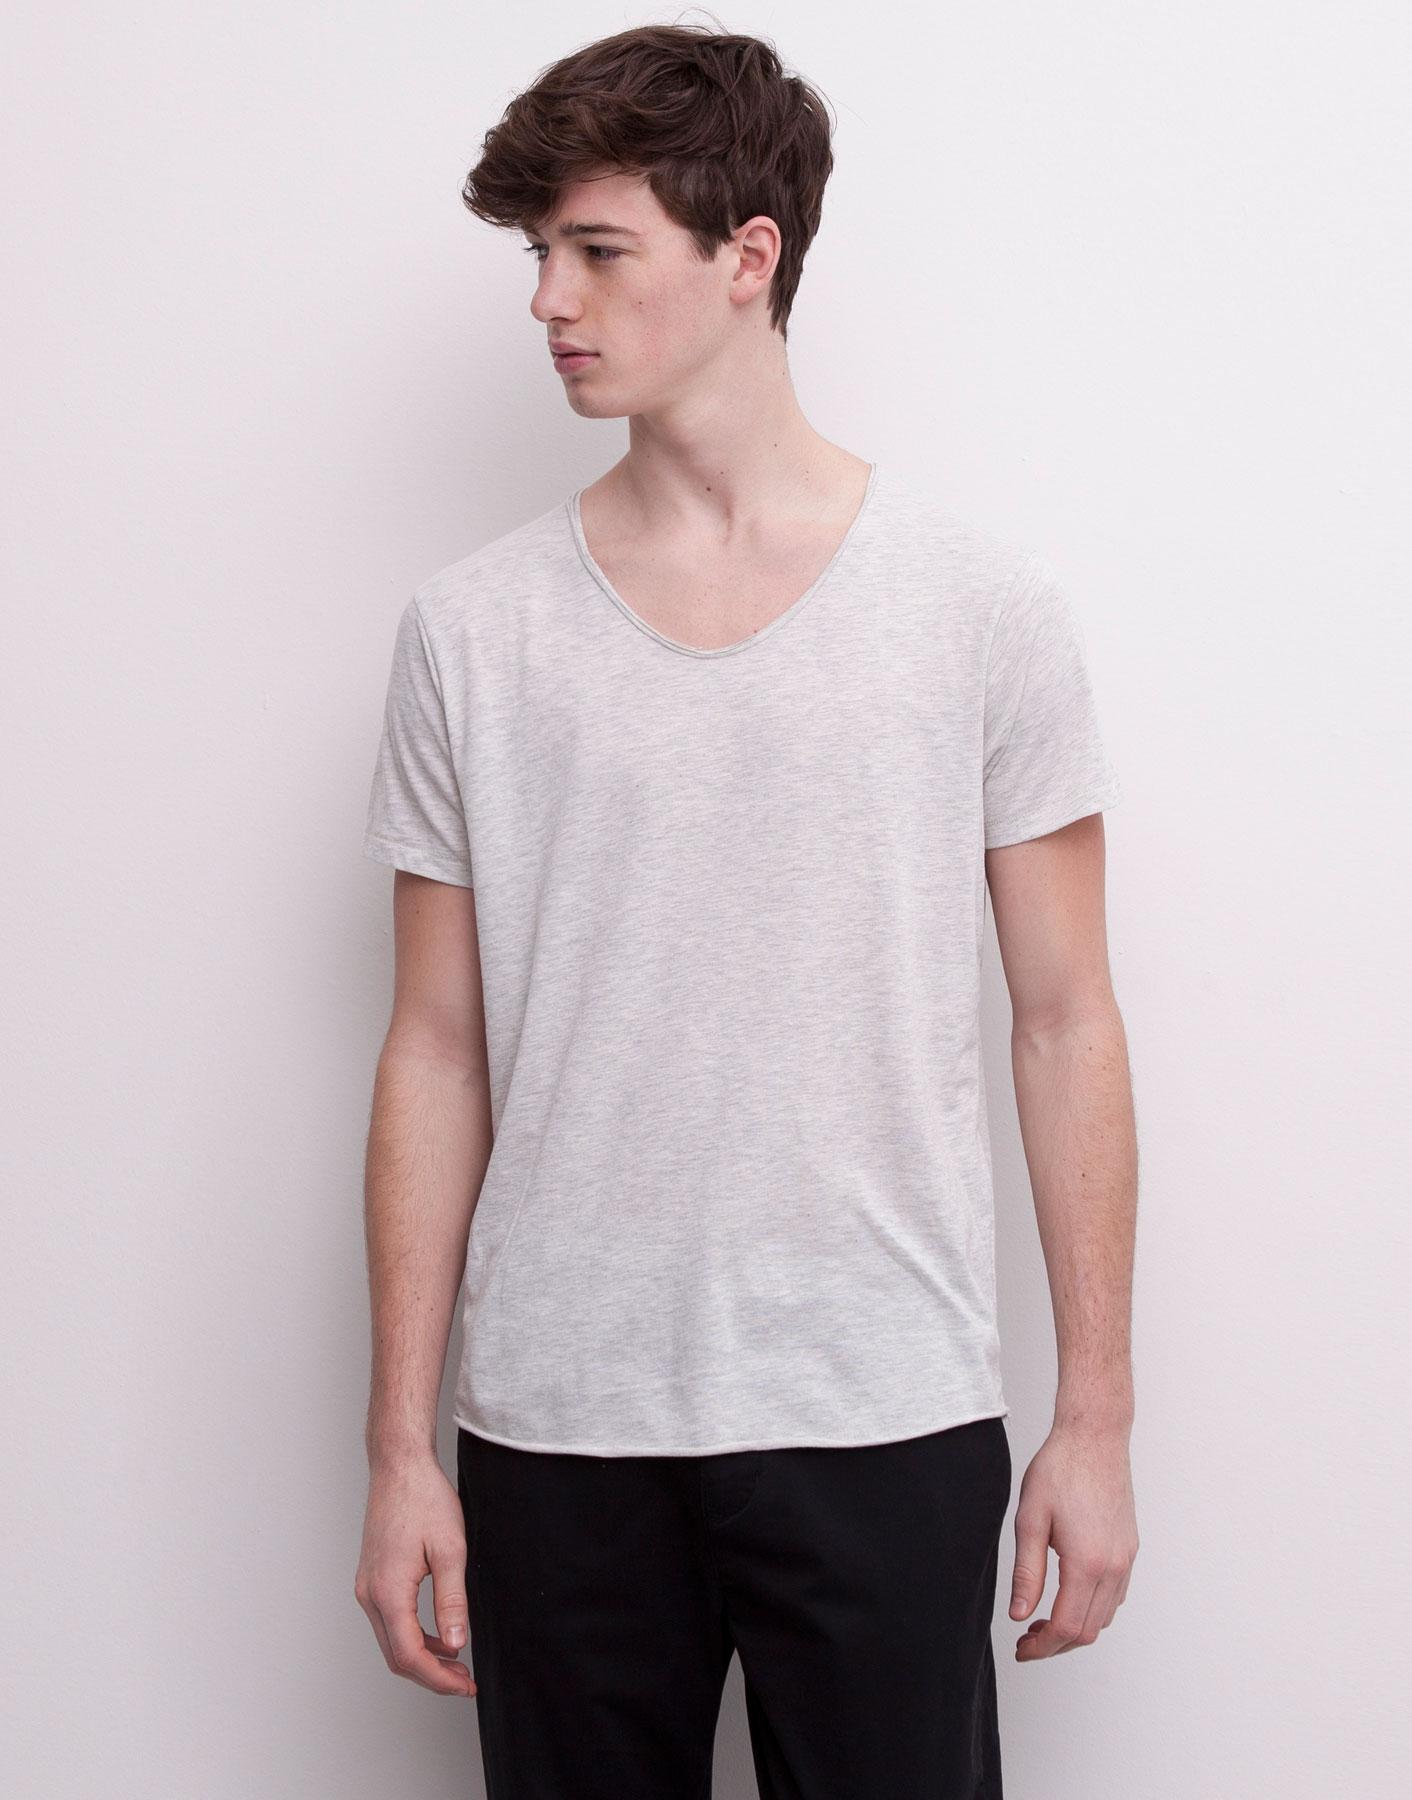 Pull bear basic v neck short sleeve t shirt in white for for Bear river workwear shirts